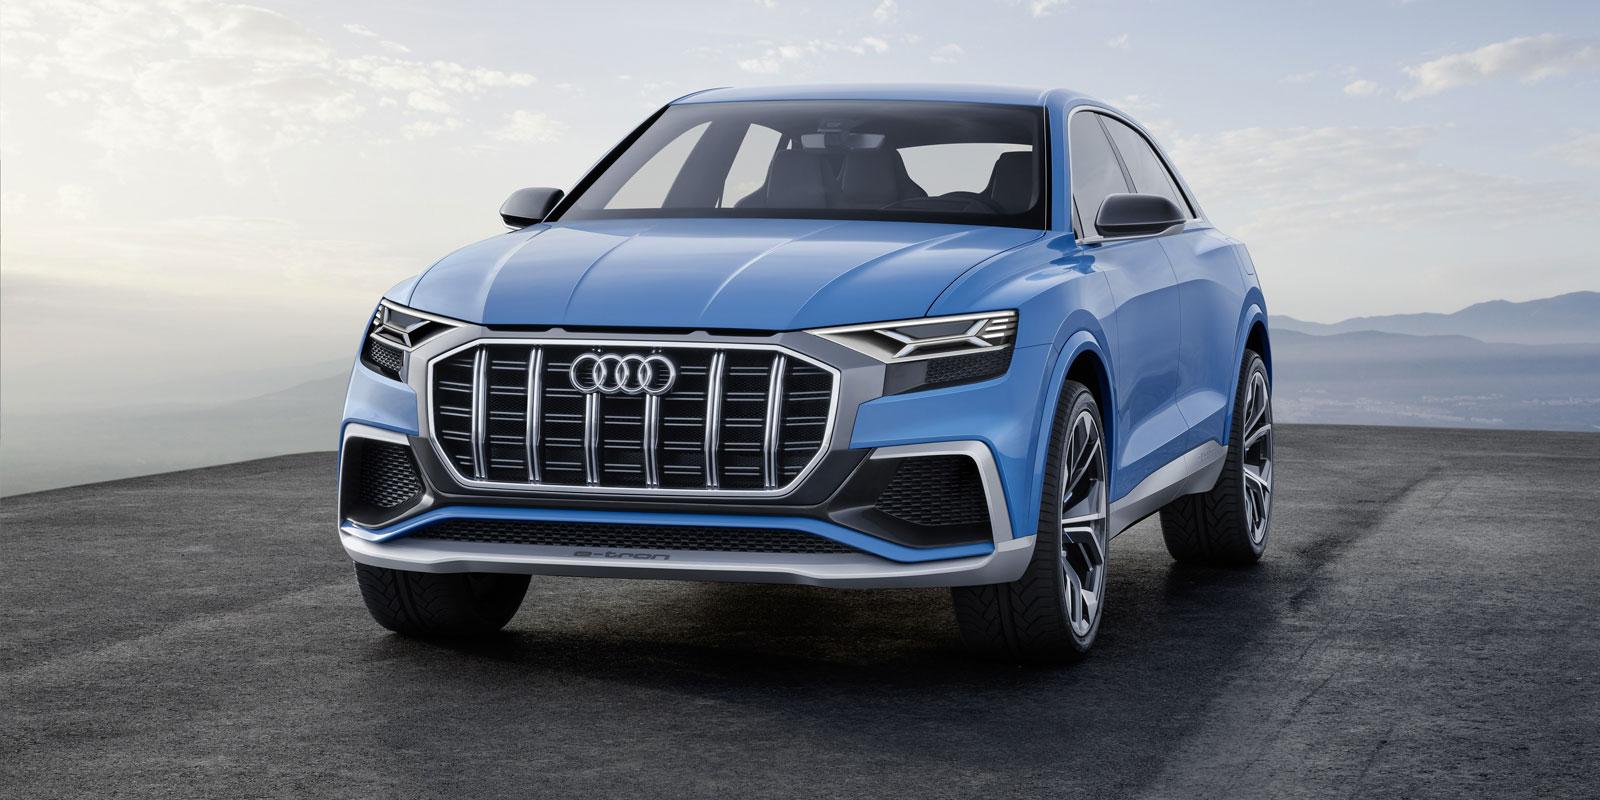 Hãng xe Đức đang lên kế hoạch cho siêu phẩm Audi Q8